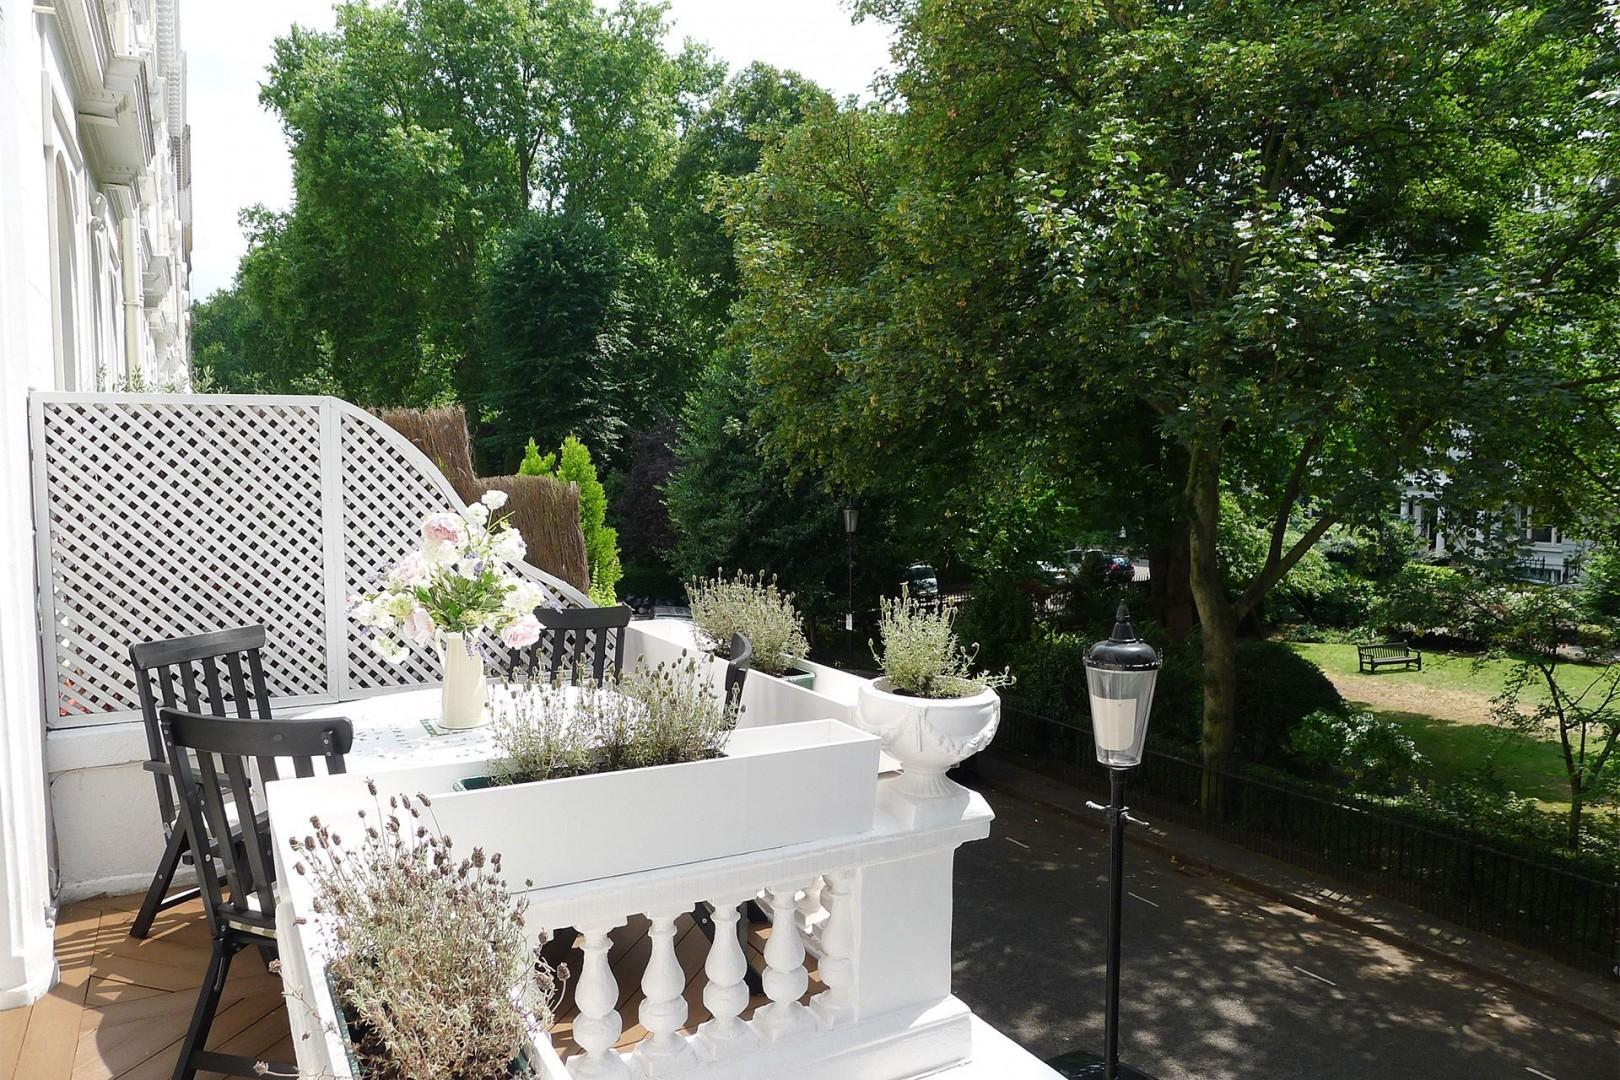 Balcony is a peaceful spot on sunny days